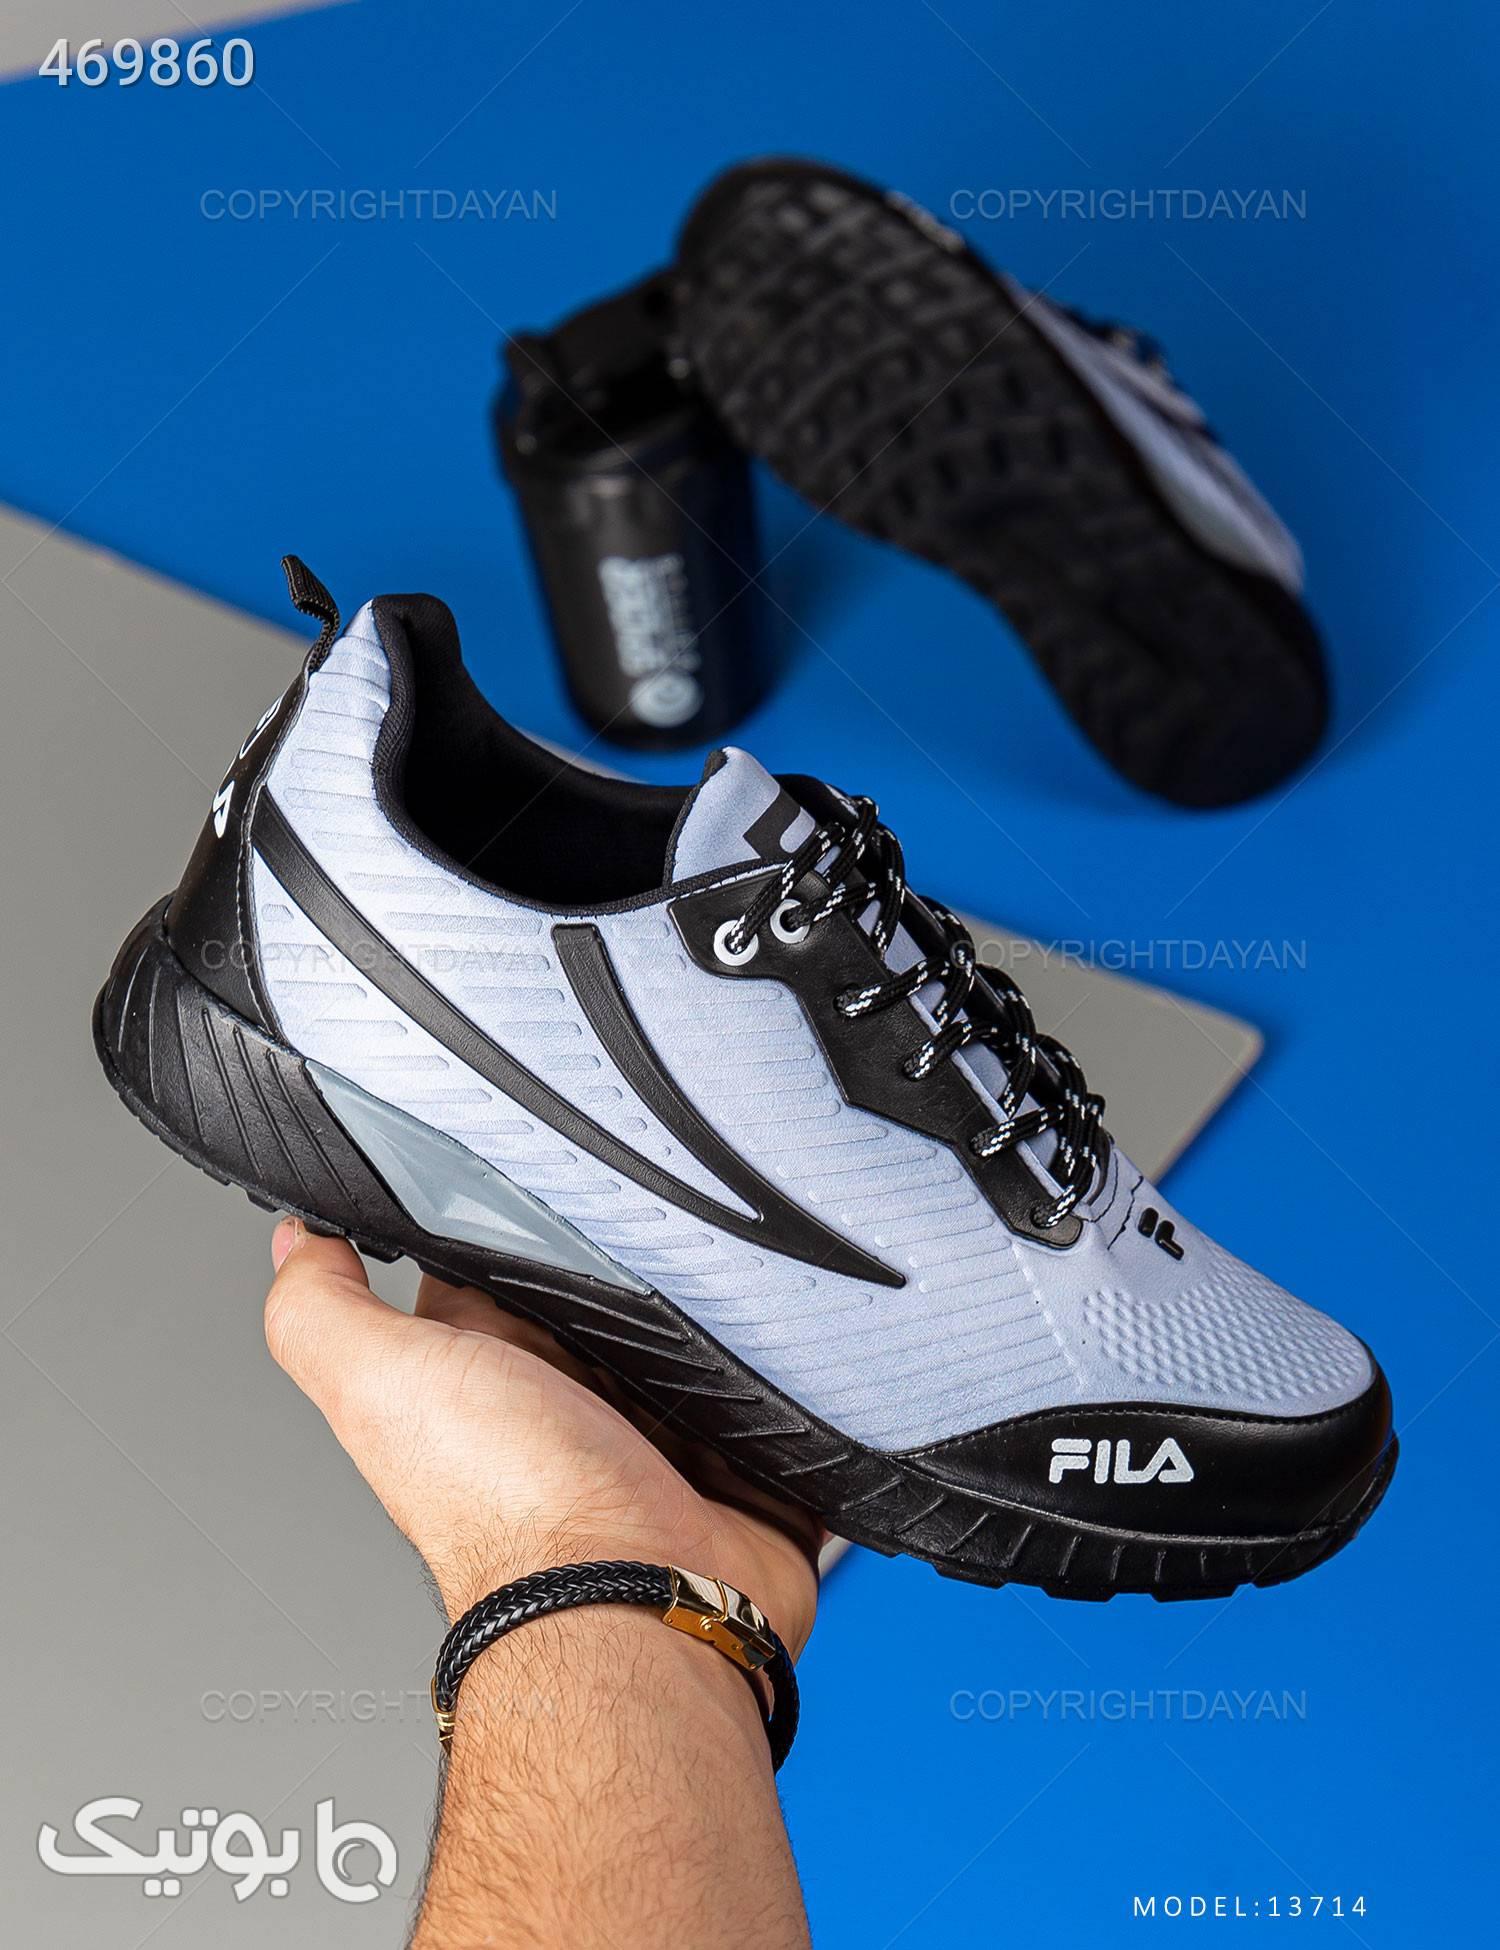 کفش ورزشی مردانه Fila مدل 13714 فیروزه ای كتانی مردانه